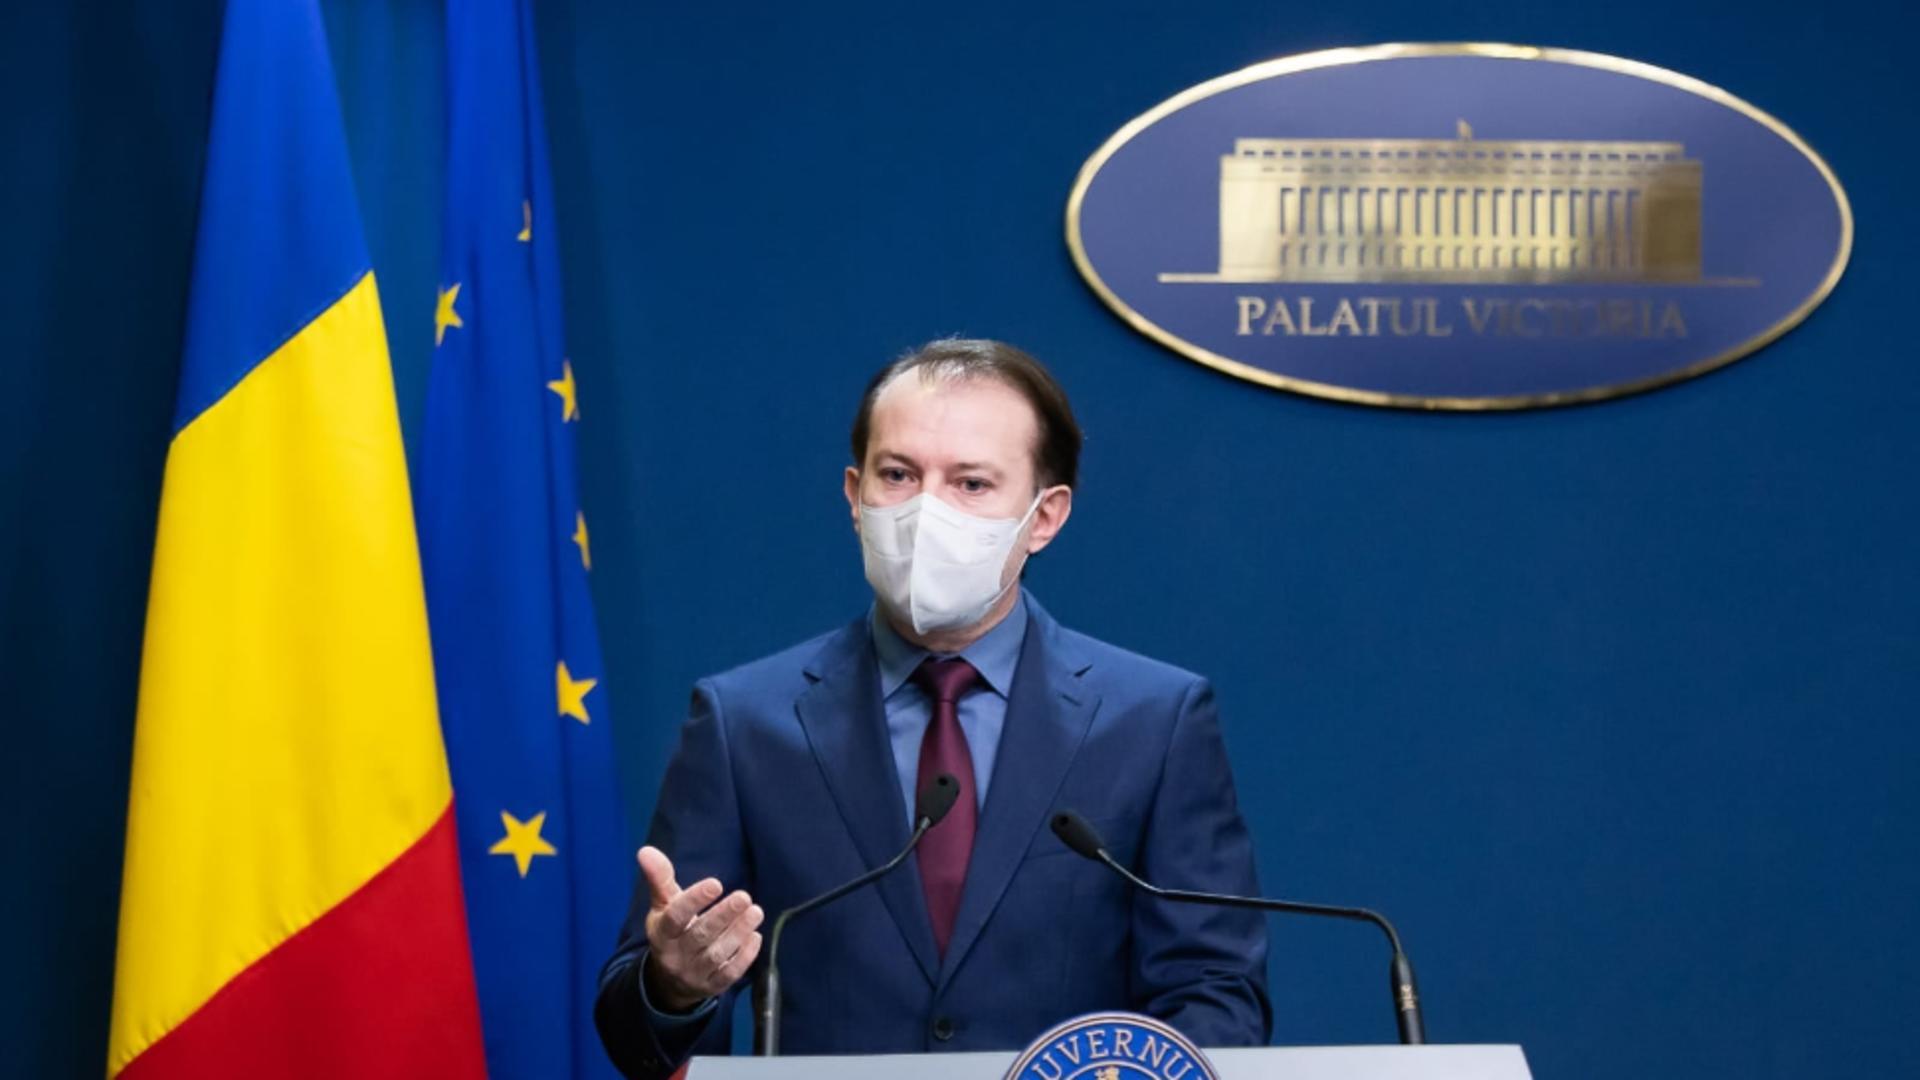 Guvernul a APROBAT bugetul pe 2021. Florin Cîțu: Sper să treacă de Parlament cât mai repede